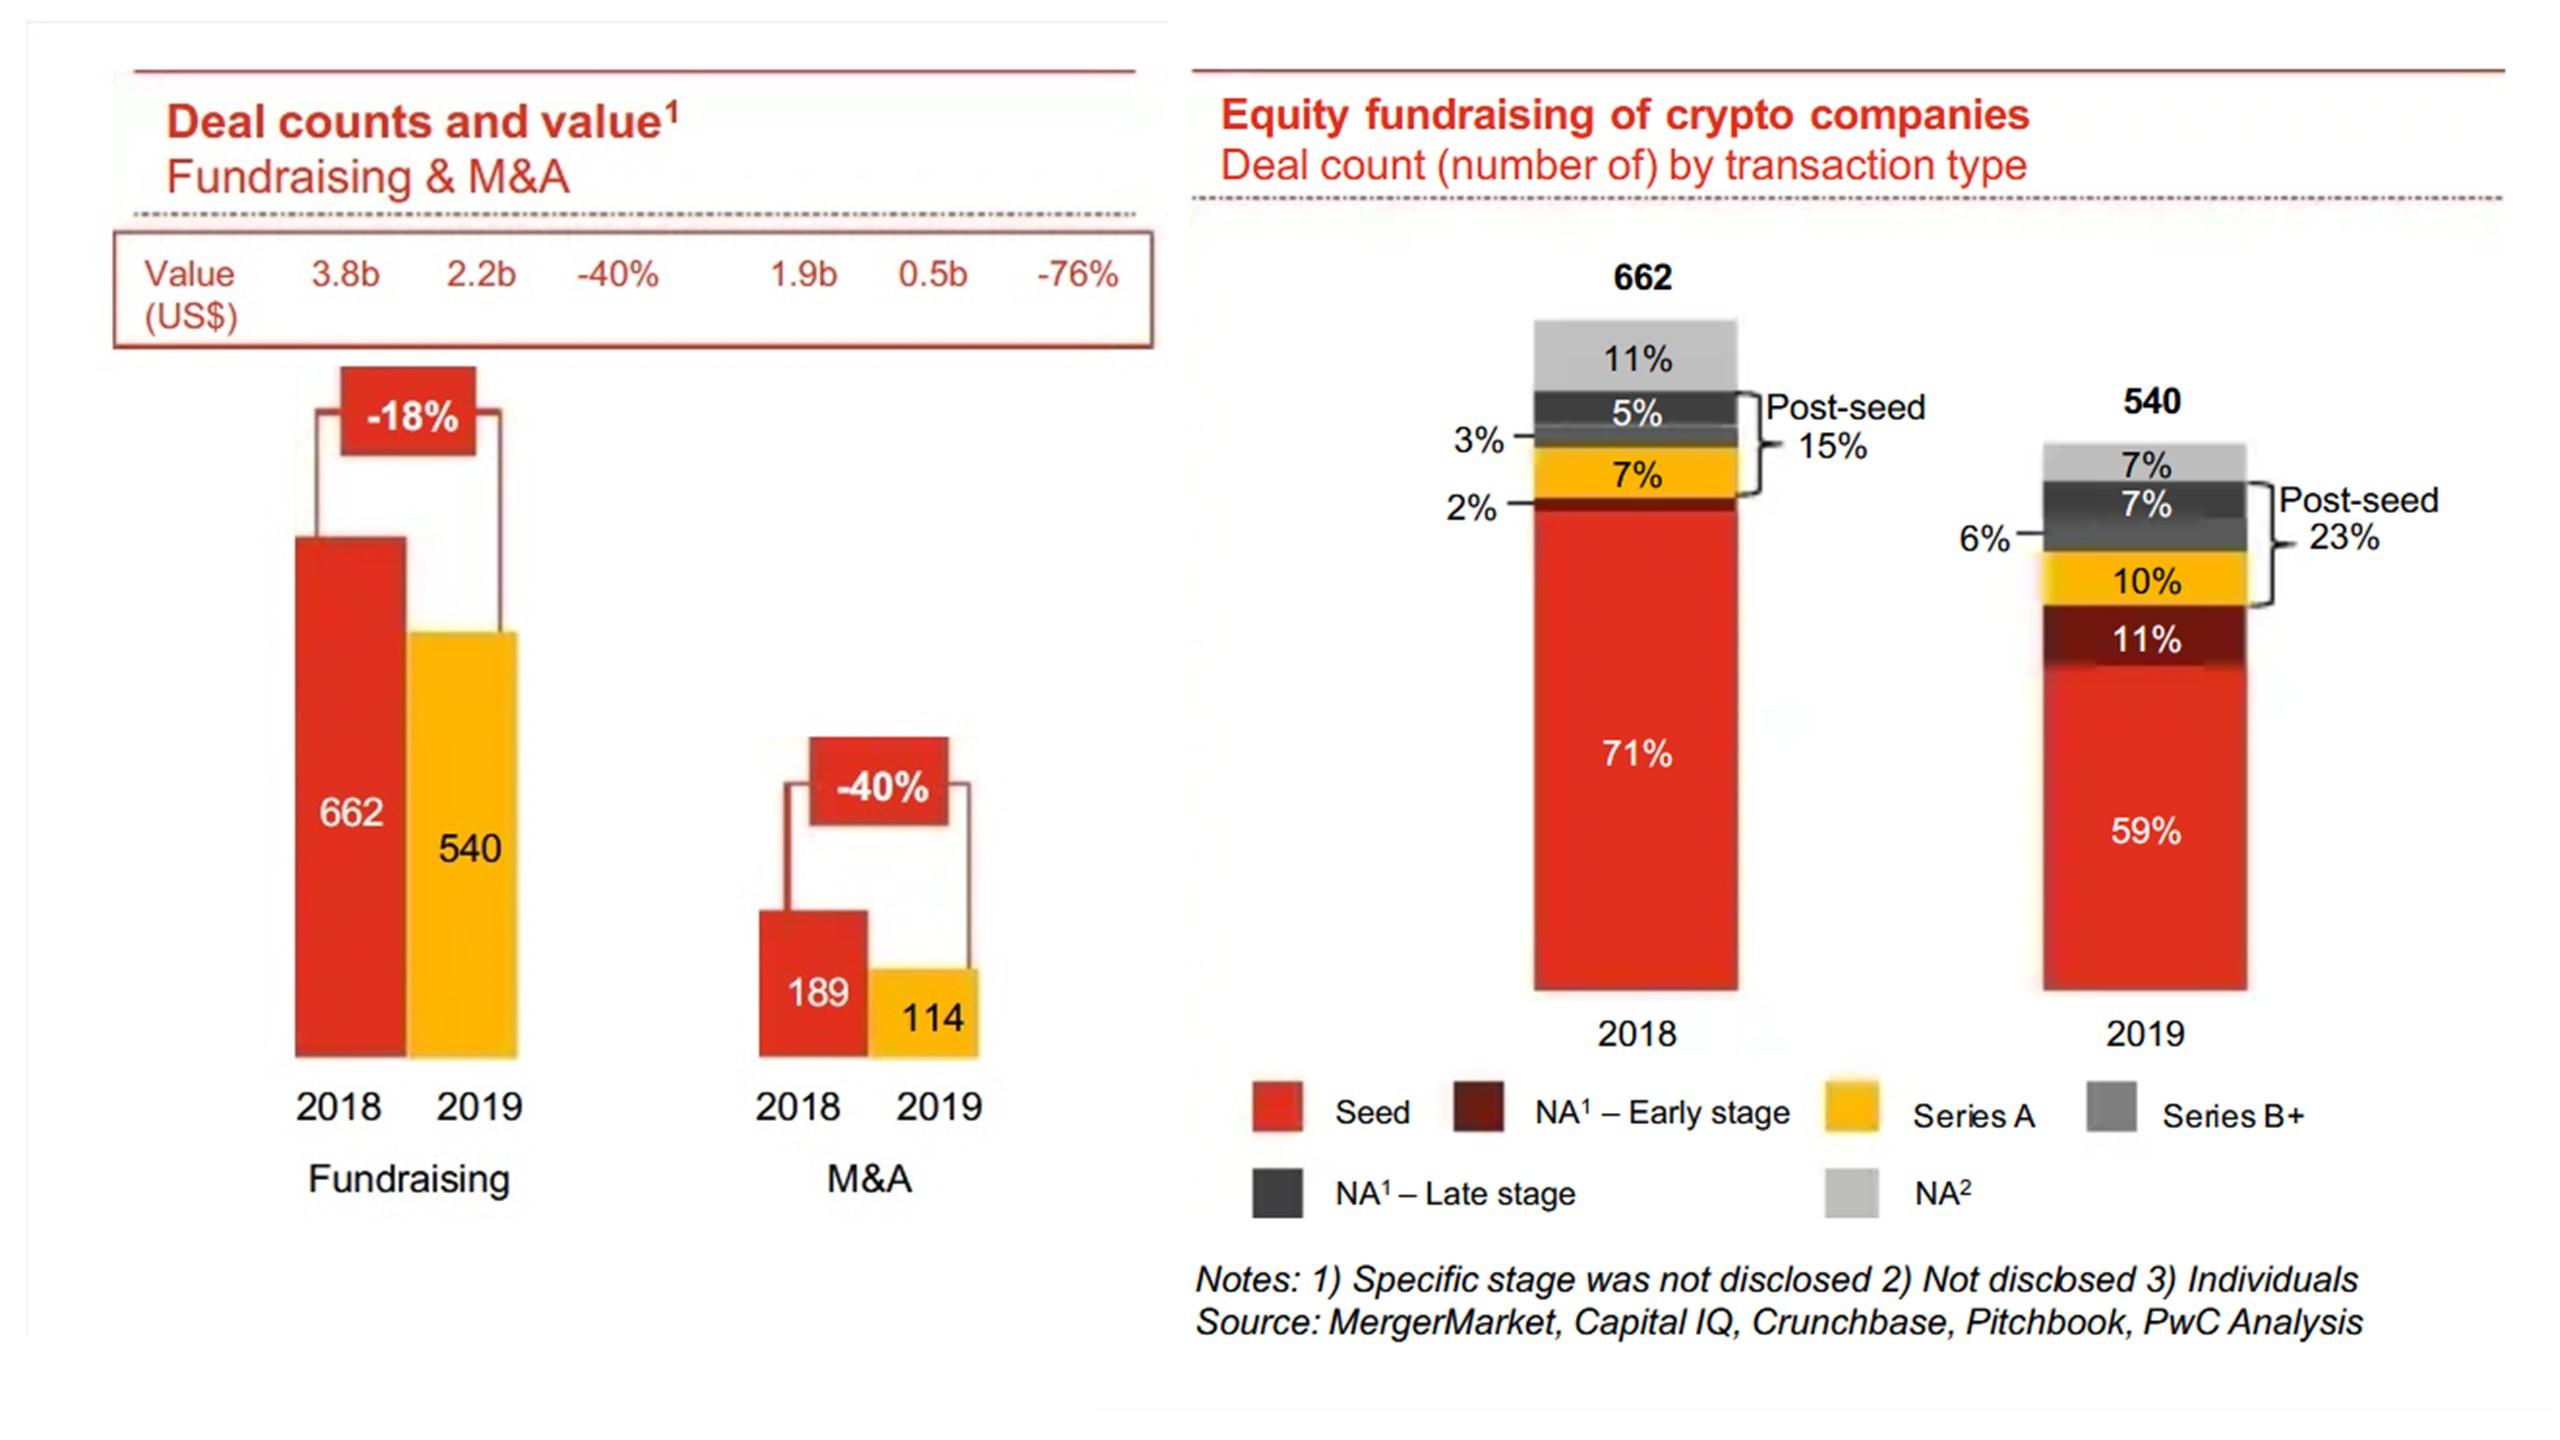 Pwc-Blockchain-bubble-deals-investments-2019